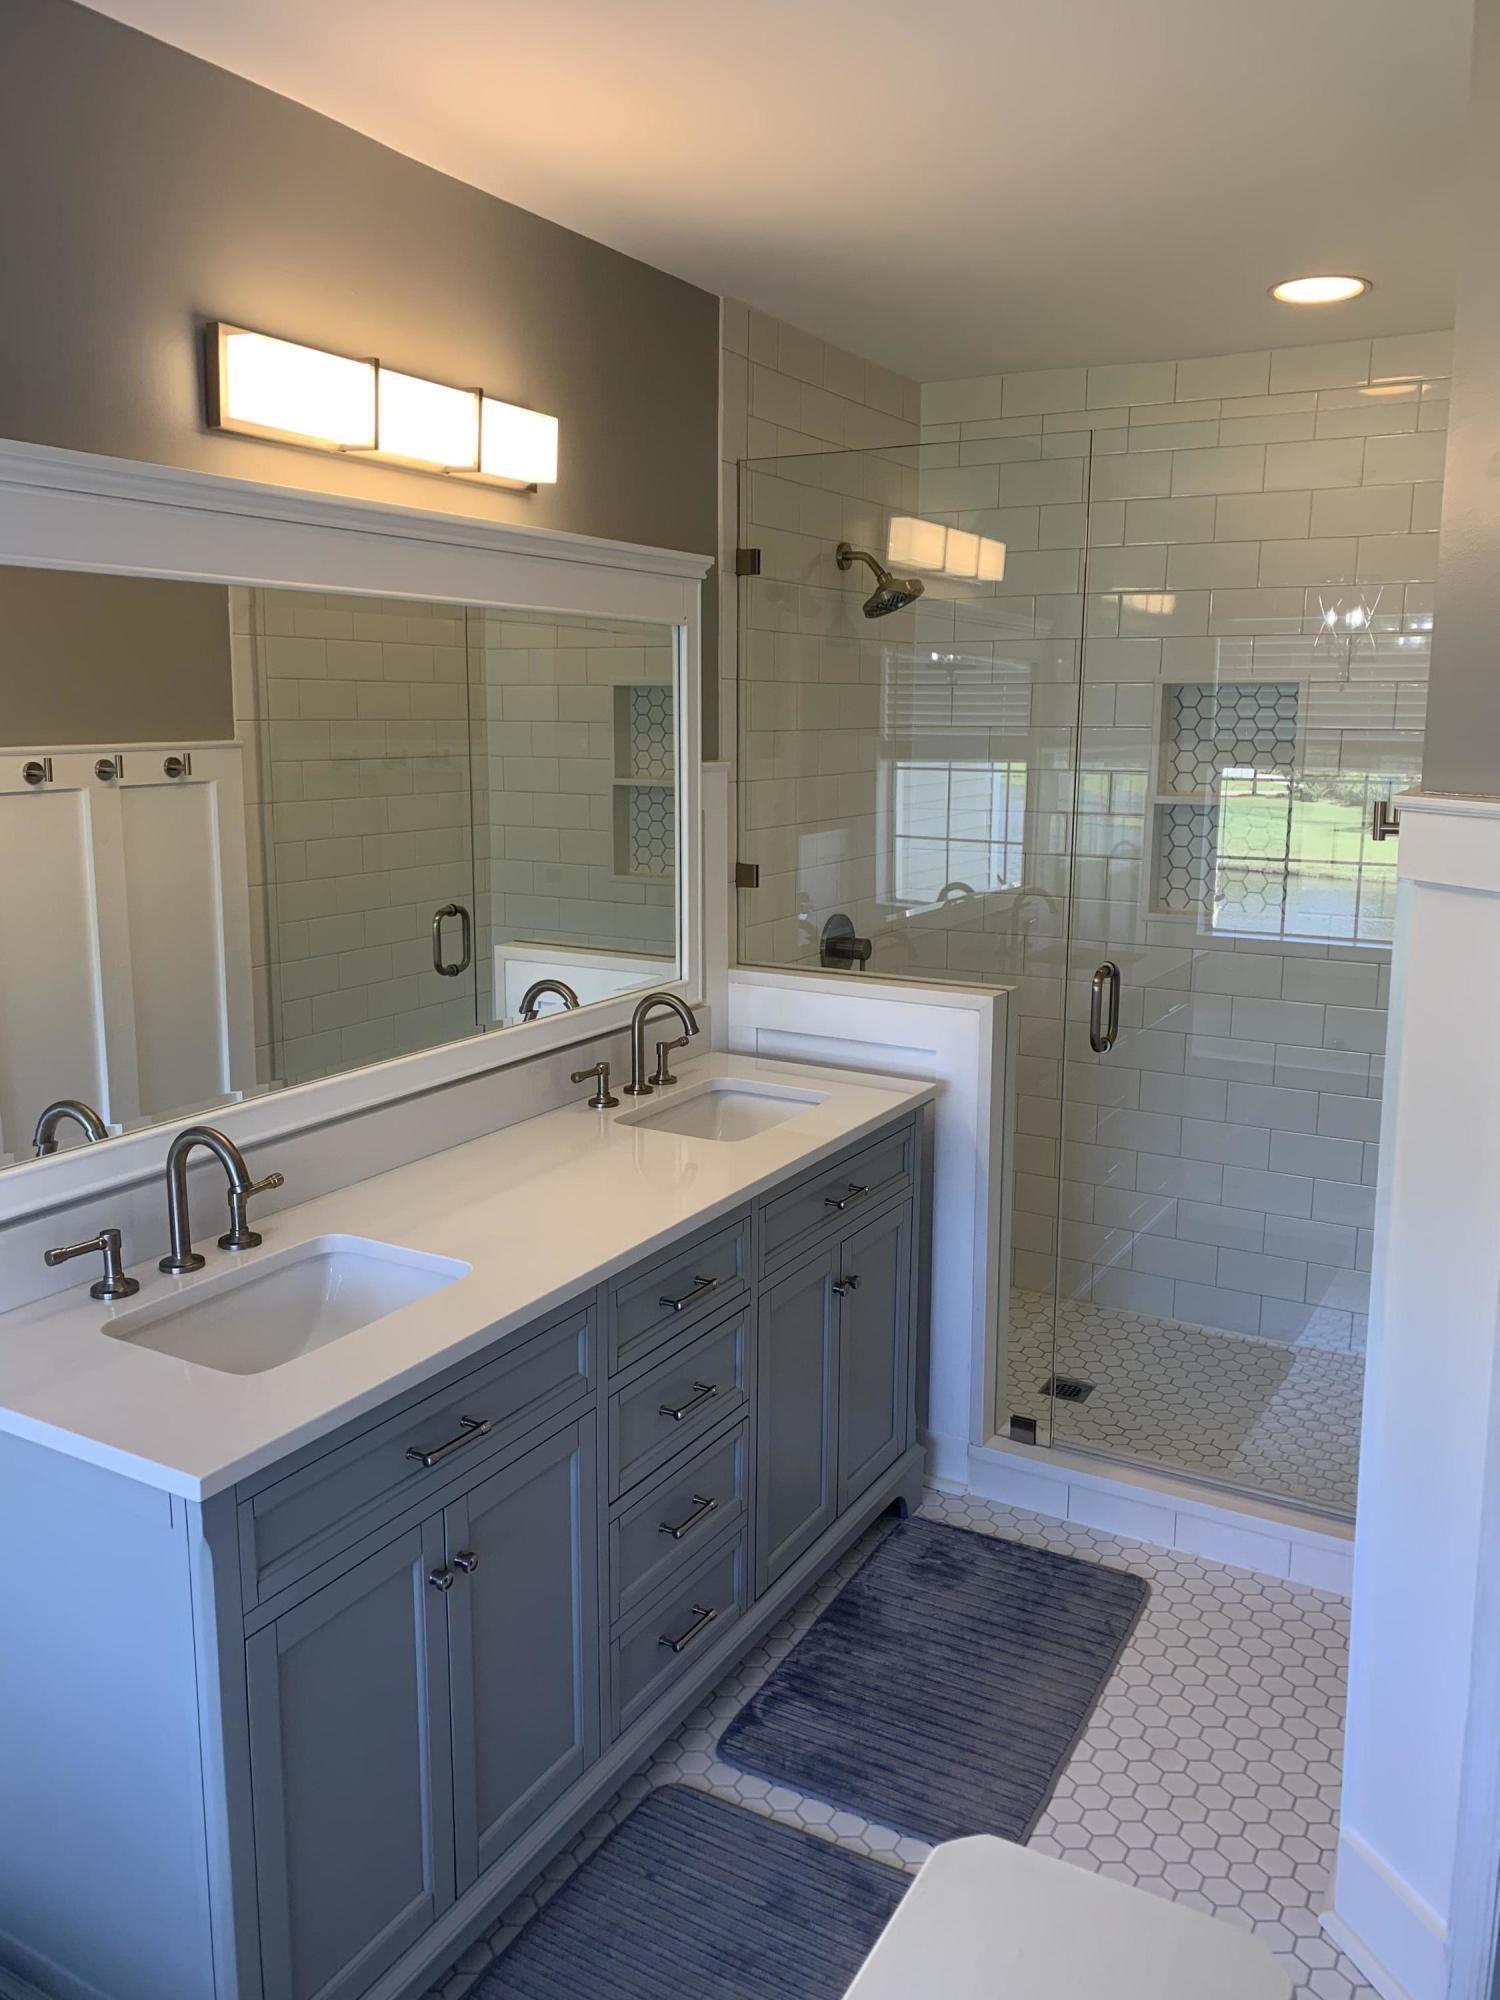 Park West Homes For Sale - 2073 Bancroft, Mount Pleasant, SC - 21